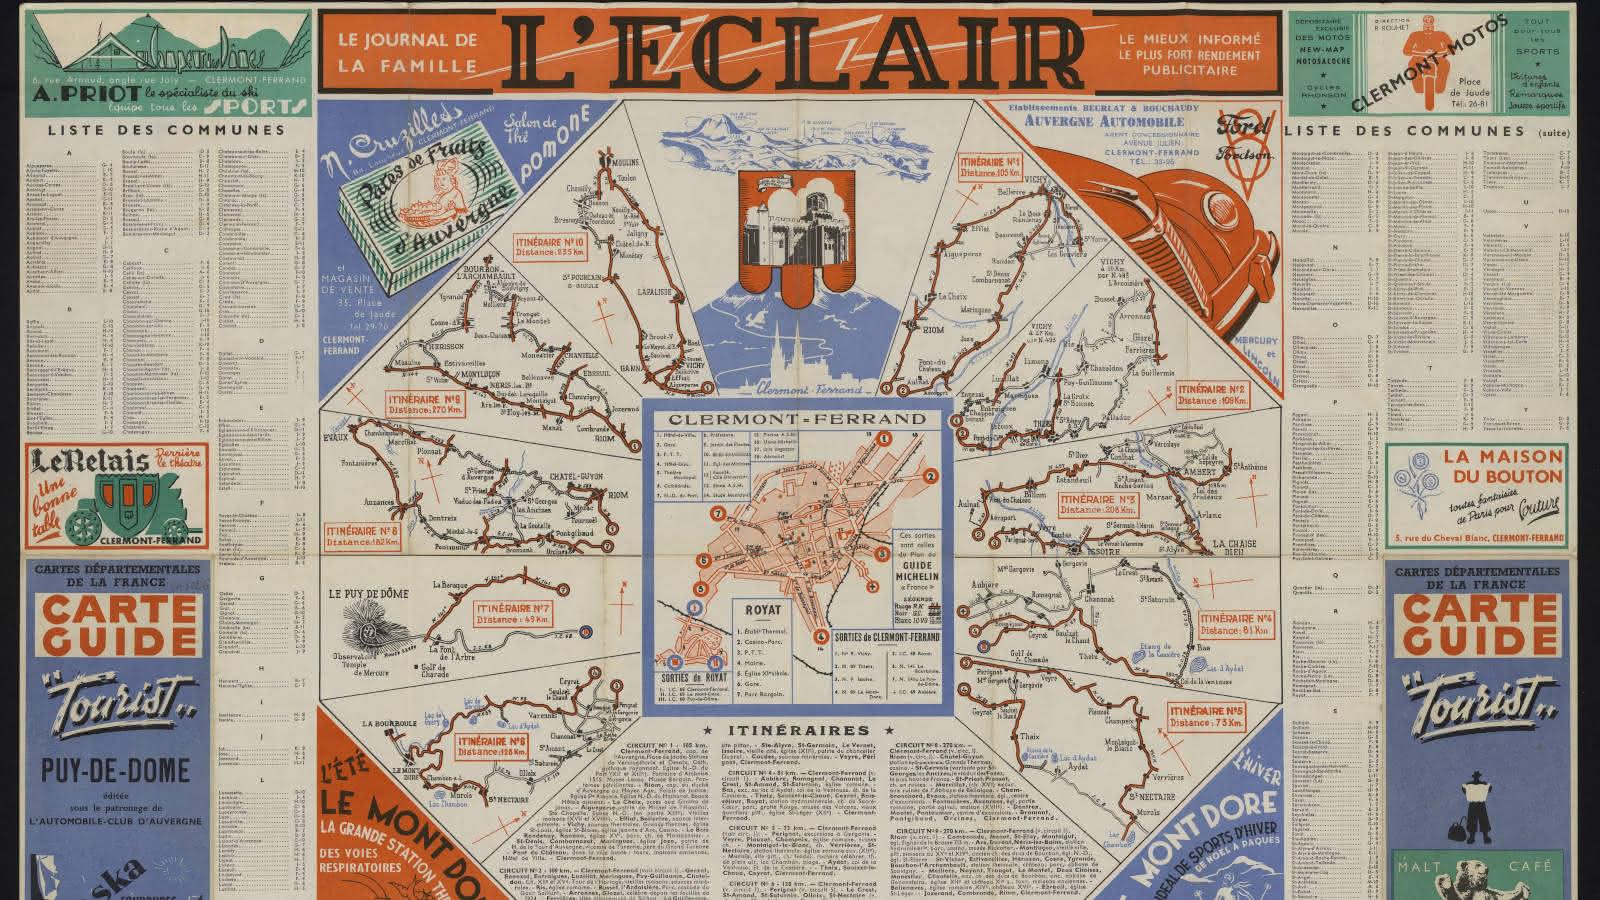 © L'Auvergne à la carte, trésors cartographiques du Massif Central